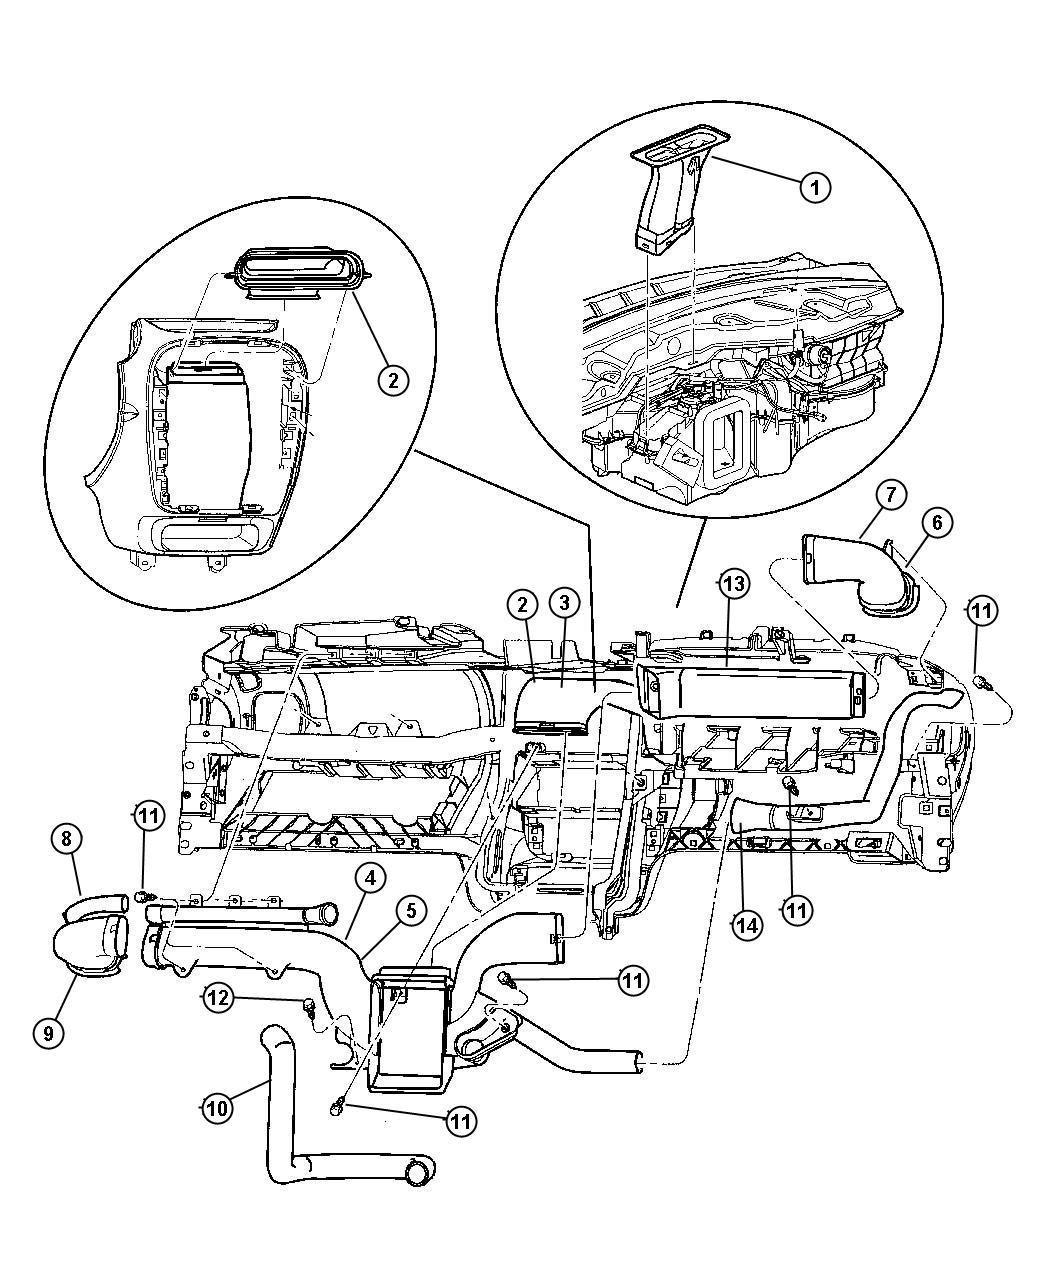 2002 Dodge Neon Duct. Air outlet. Ducts, outlets, mopar